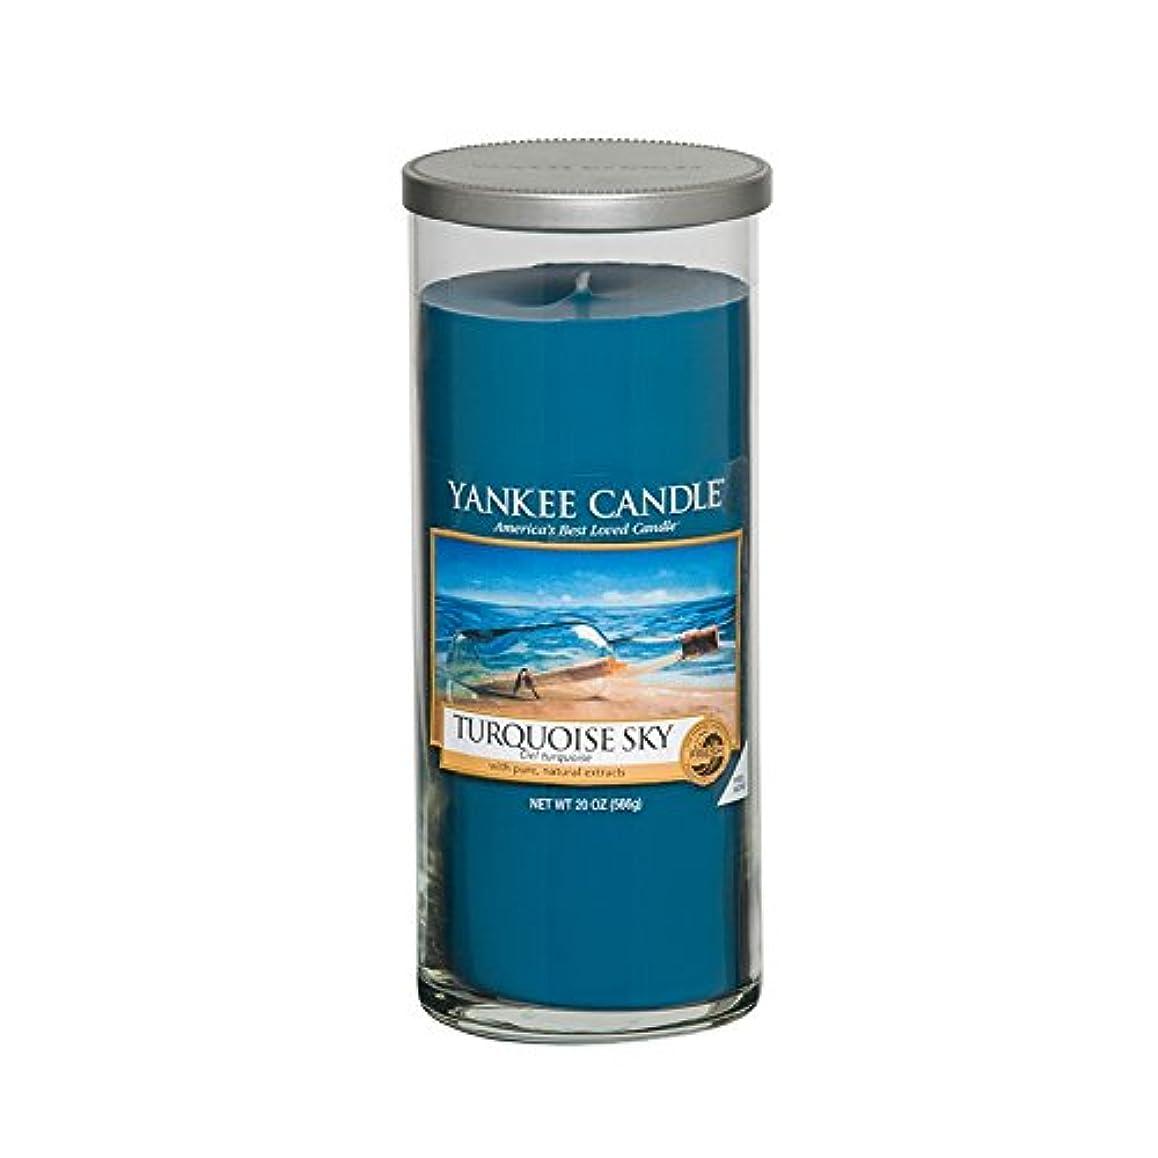 便利大量再発するヤンキーキャンドル大きな柱キャンドル - ターコイズの空 - Yankee Candles Large Pillar Candle - Turquoise Sky (Yankee Candles) [並行輸入品]